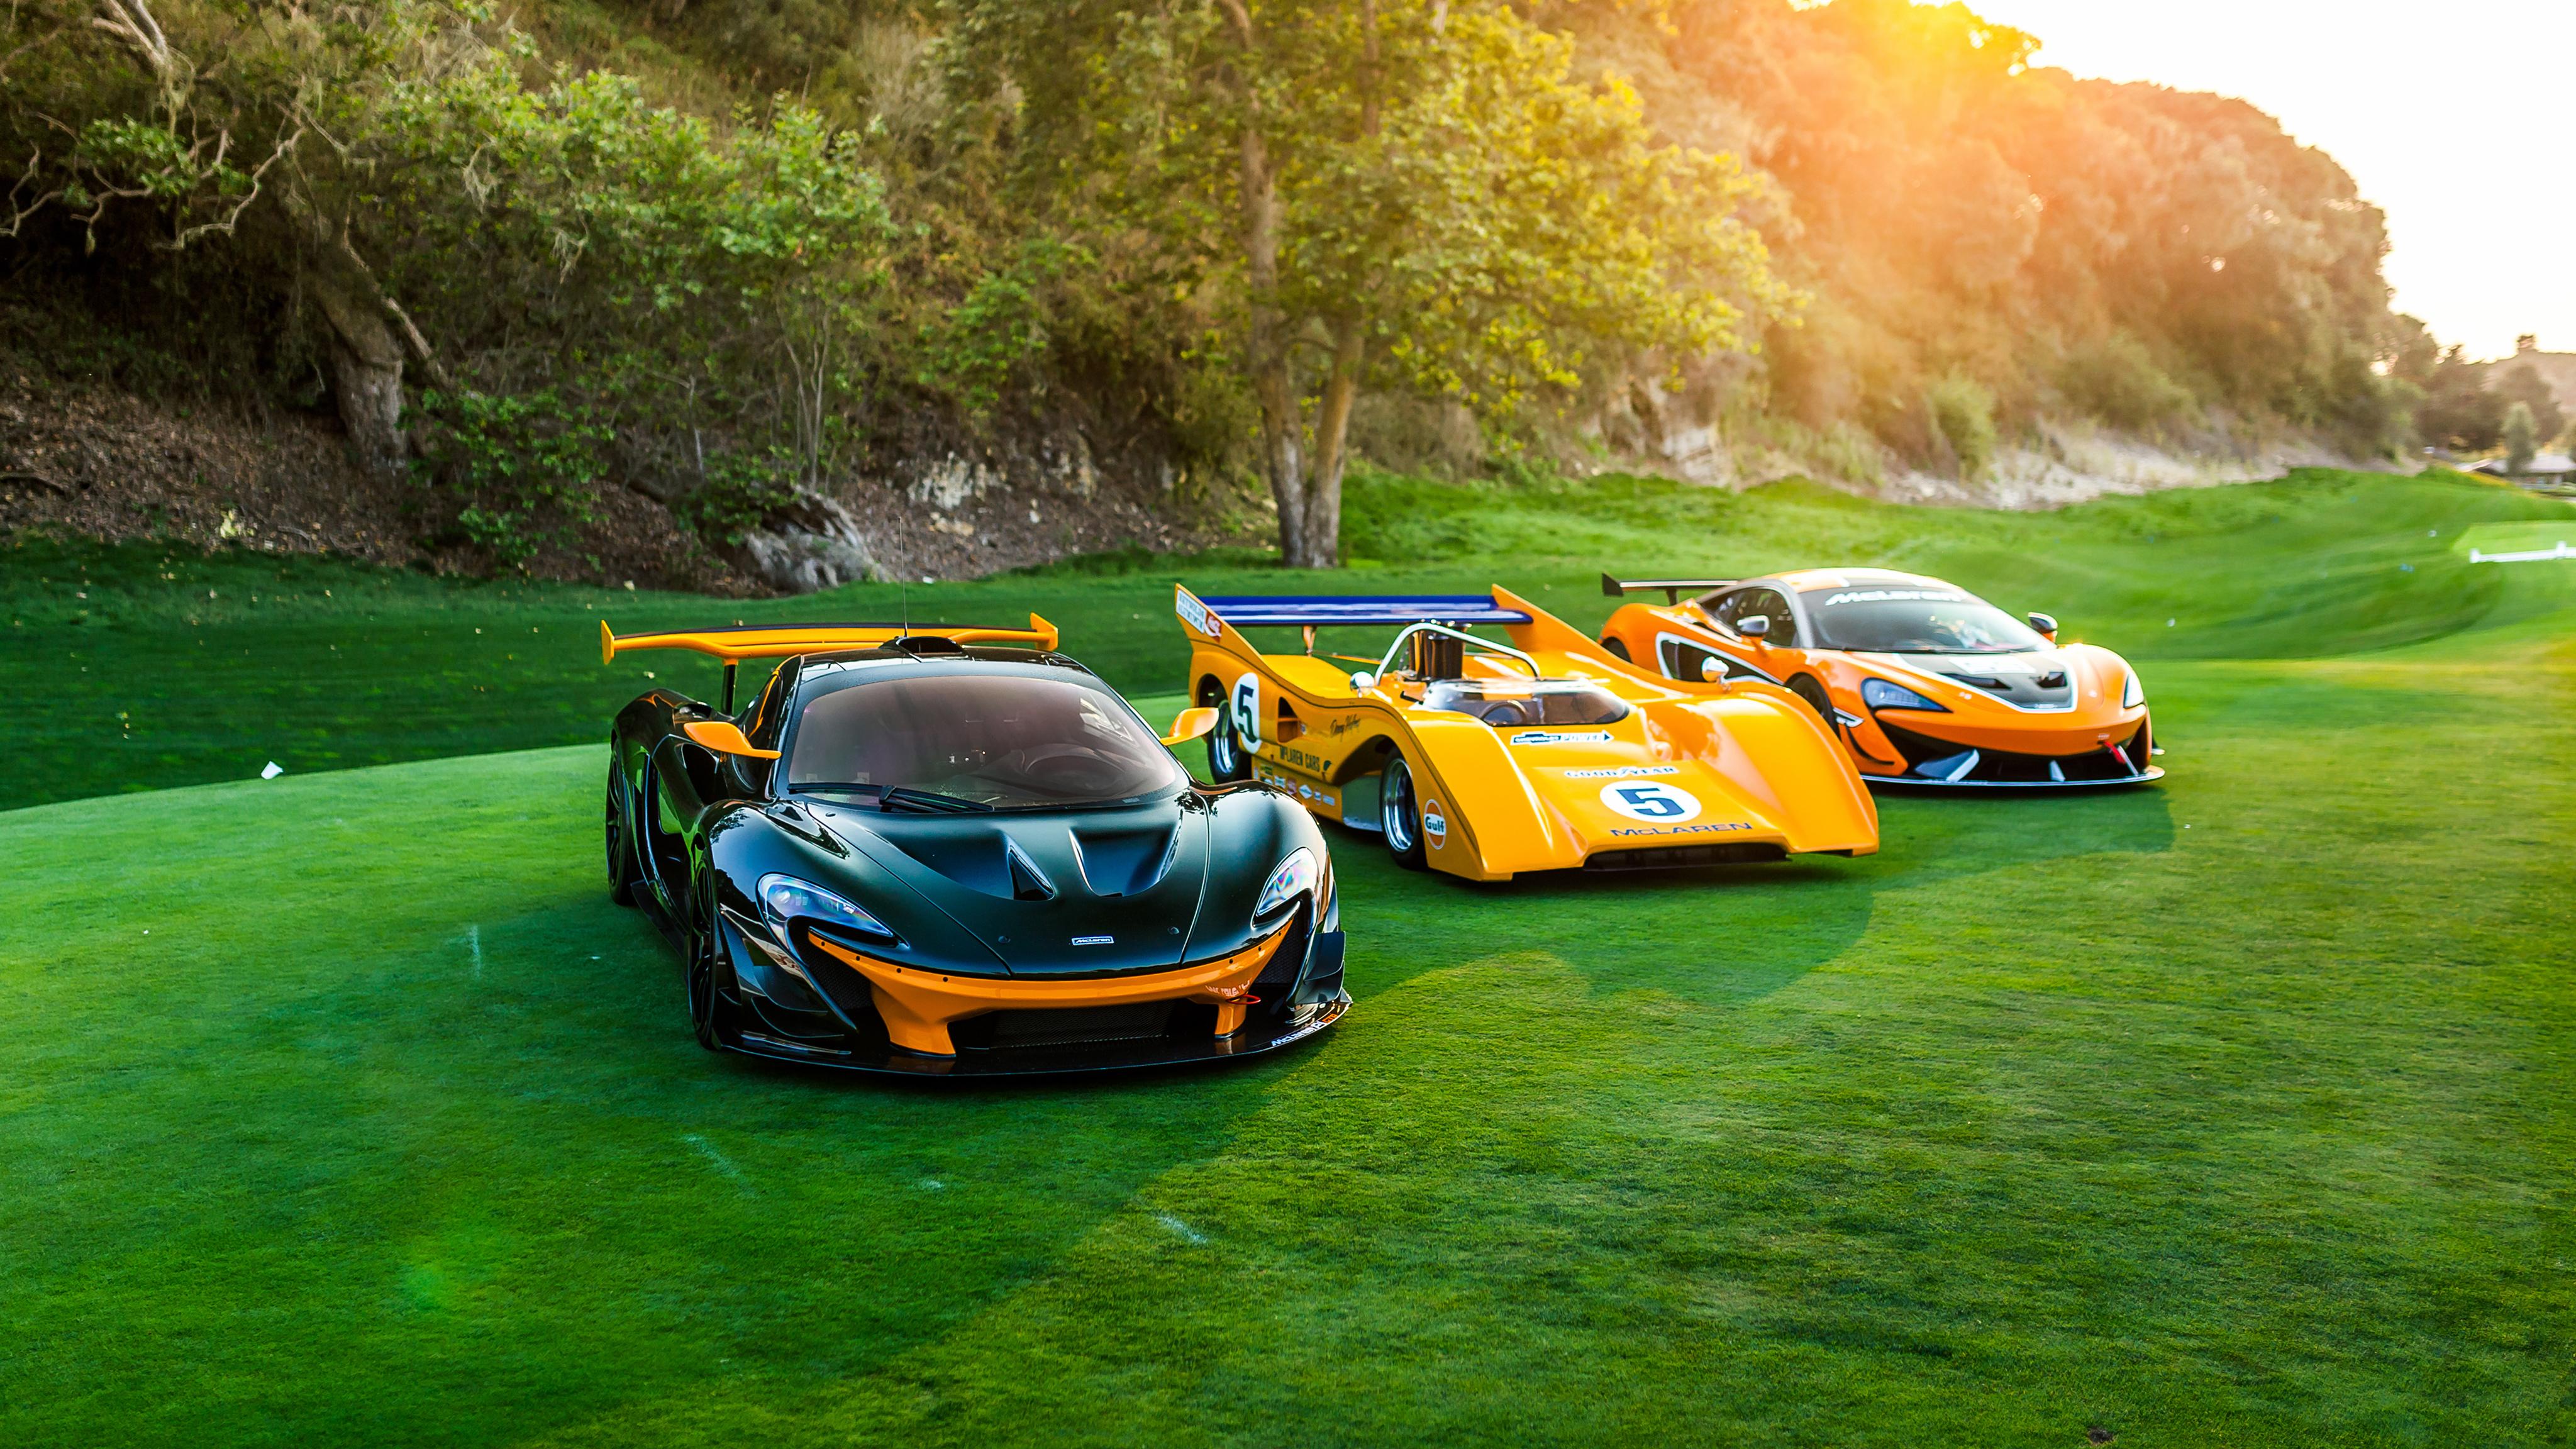 McLaren P1 GTR Sports cars 4K Wallpaper | HD Car ...